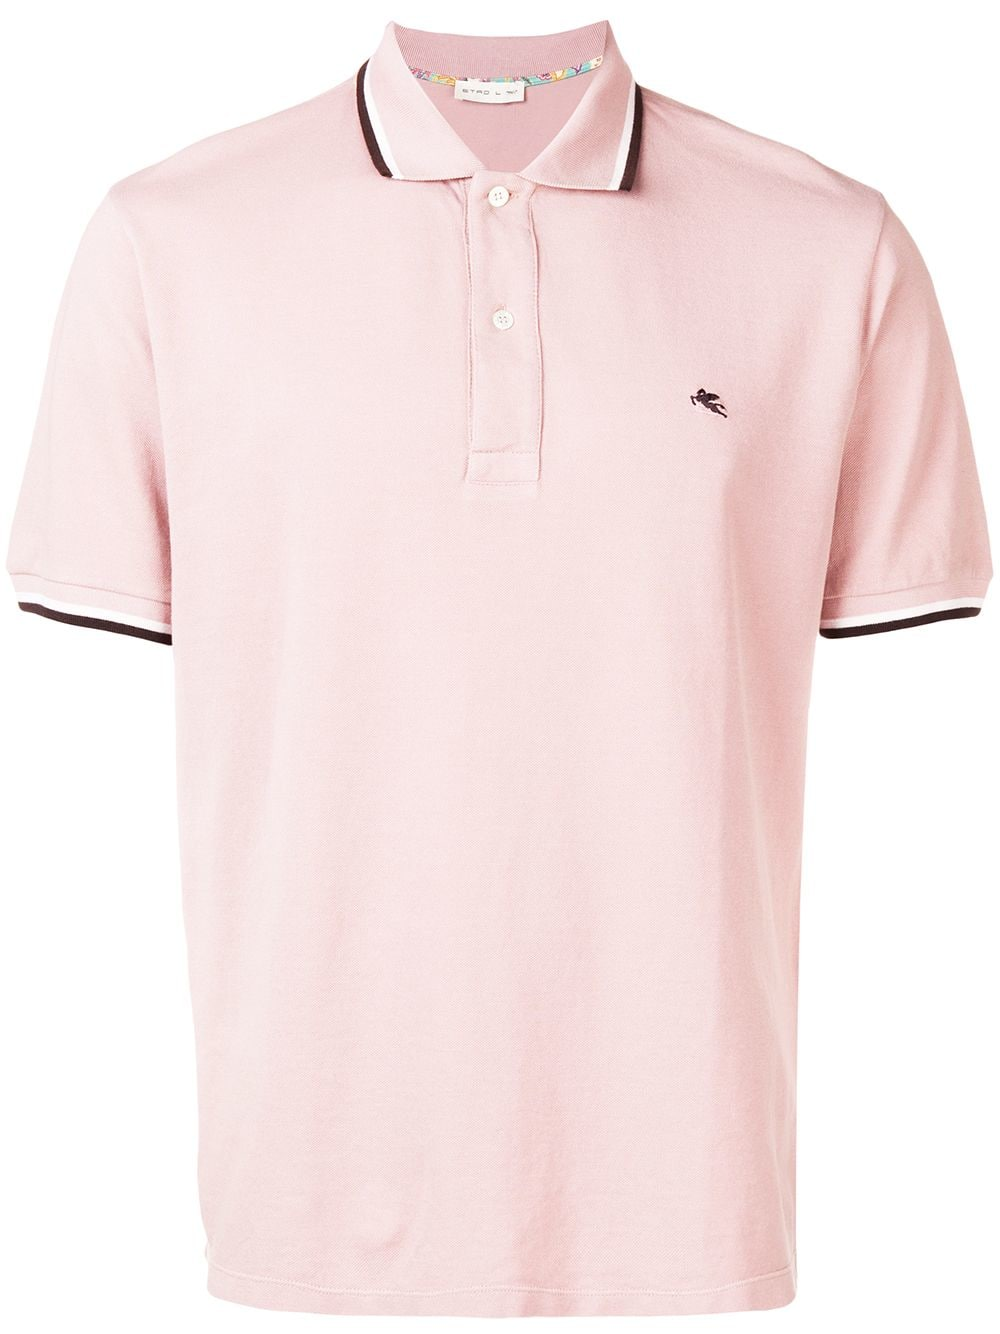 533a5c24b Polo Shirt With Striped Hem - ETRO - Russocapri